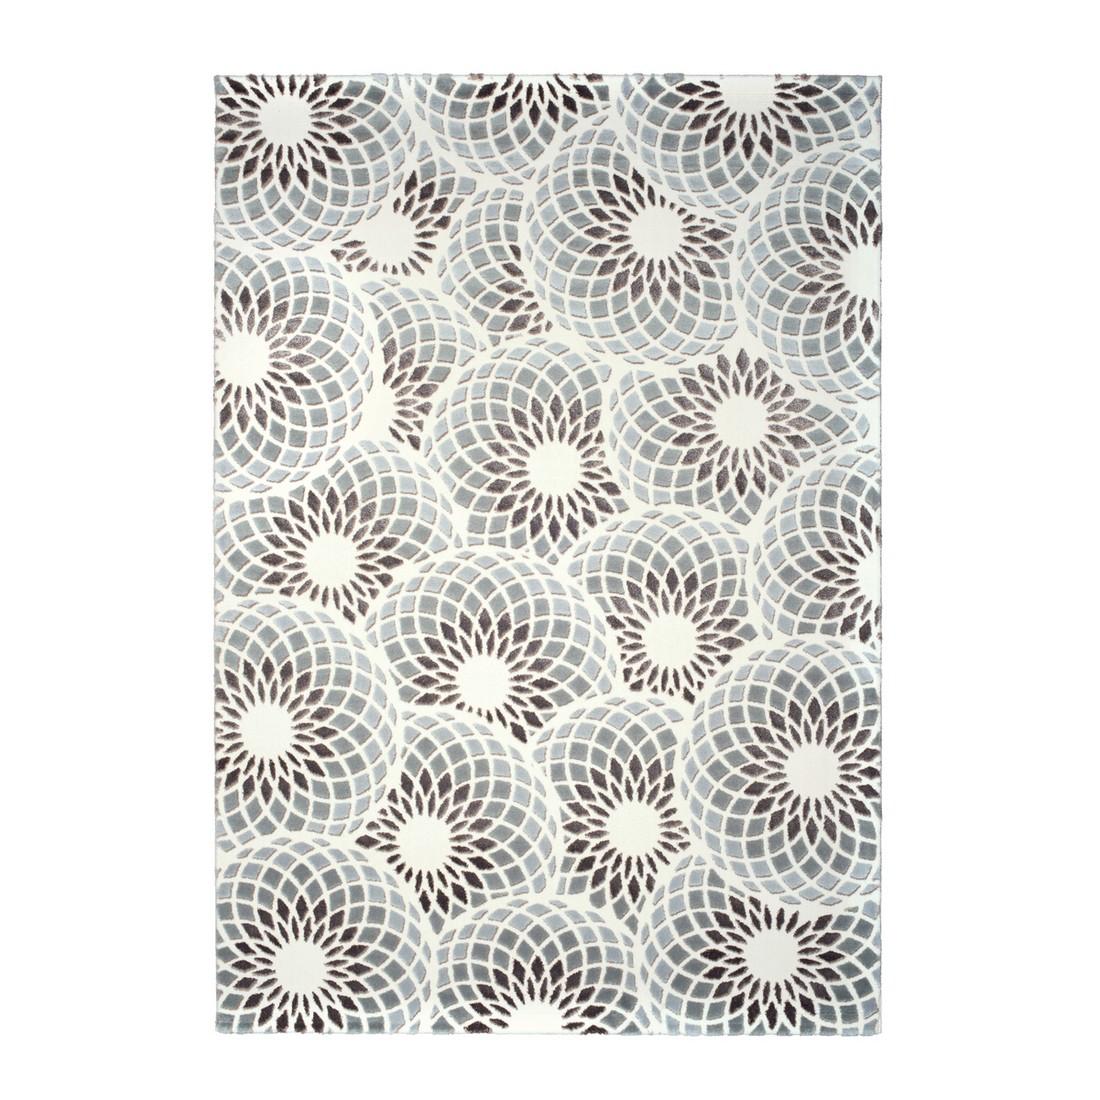 Nano Teppich Nergis Köpük – Grau – Maße: 80 x 300 cm, Kayoom günstig kaufen